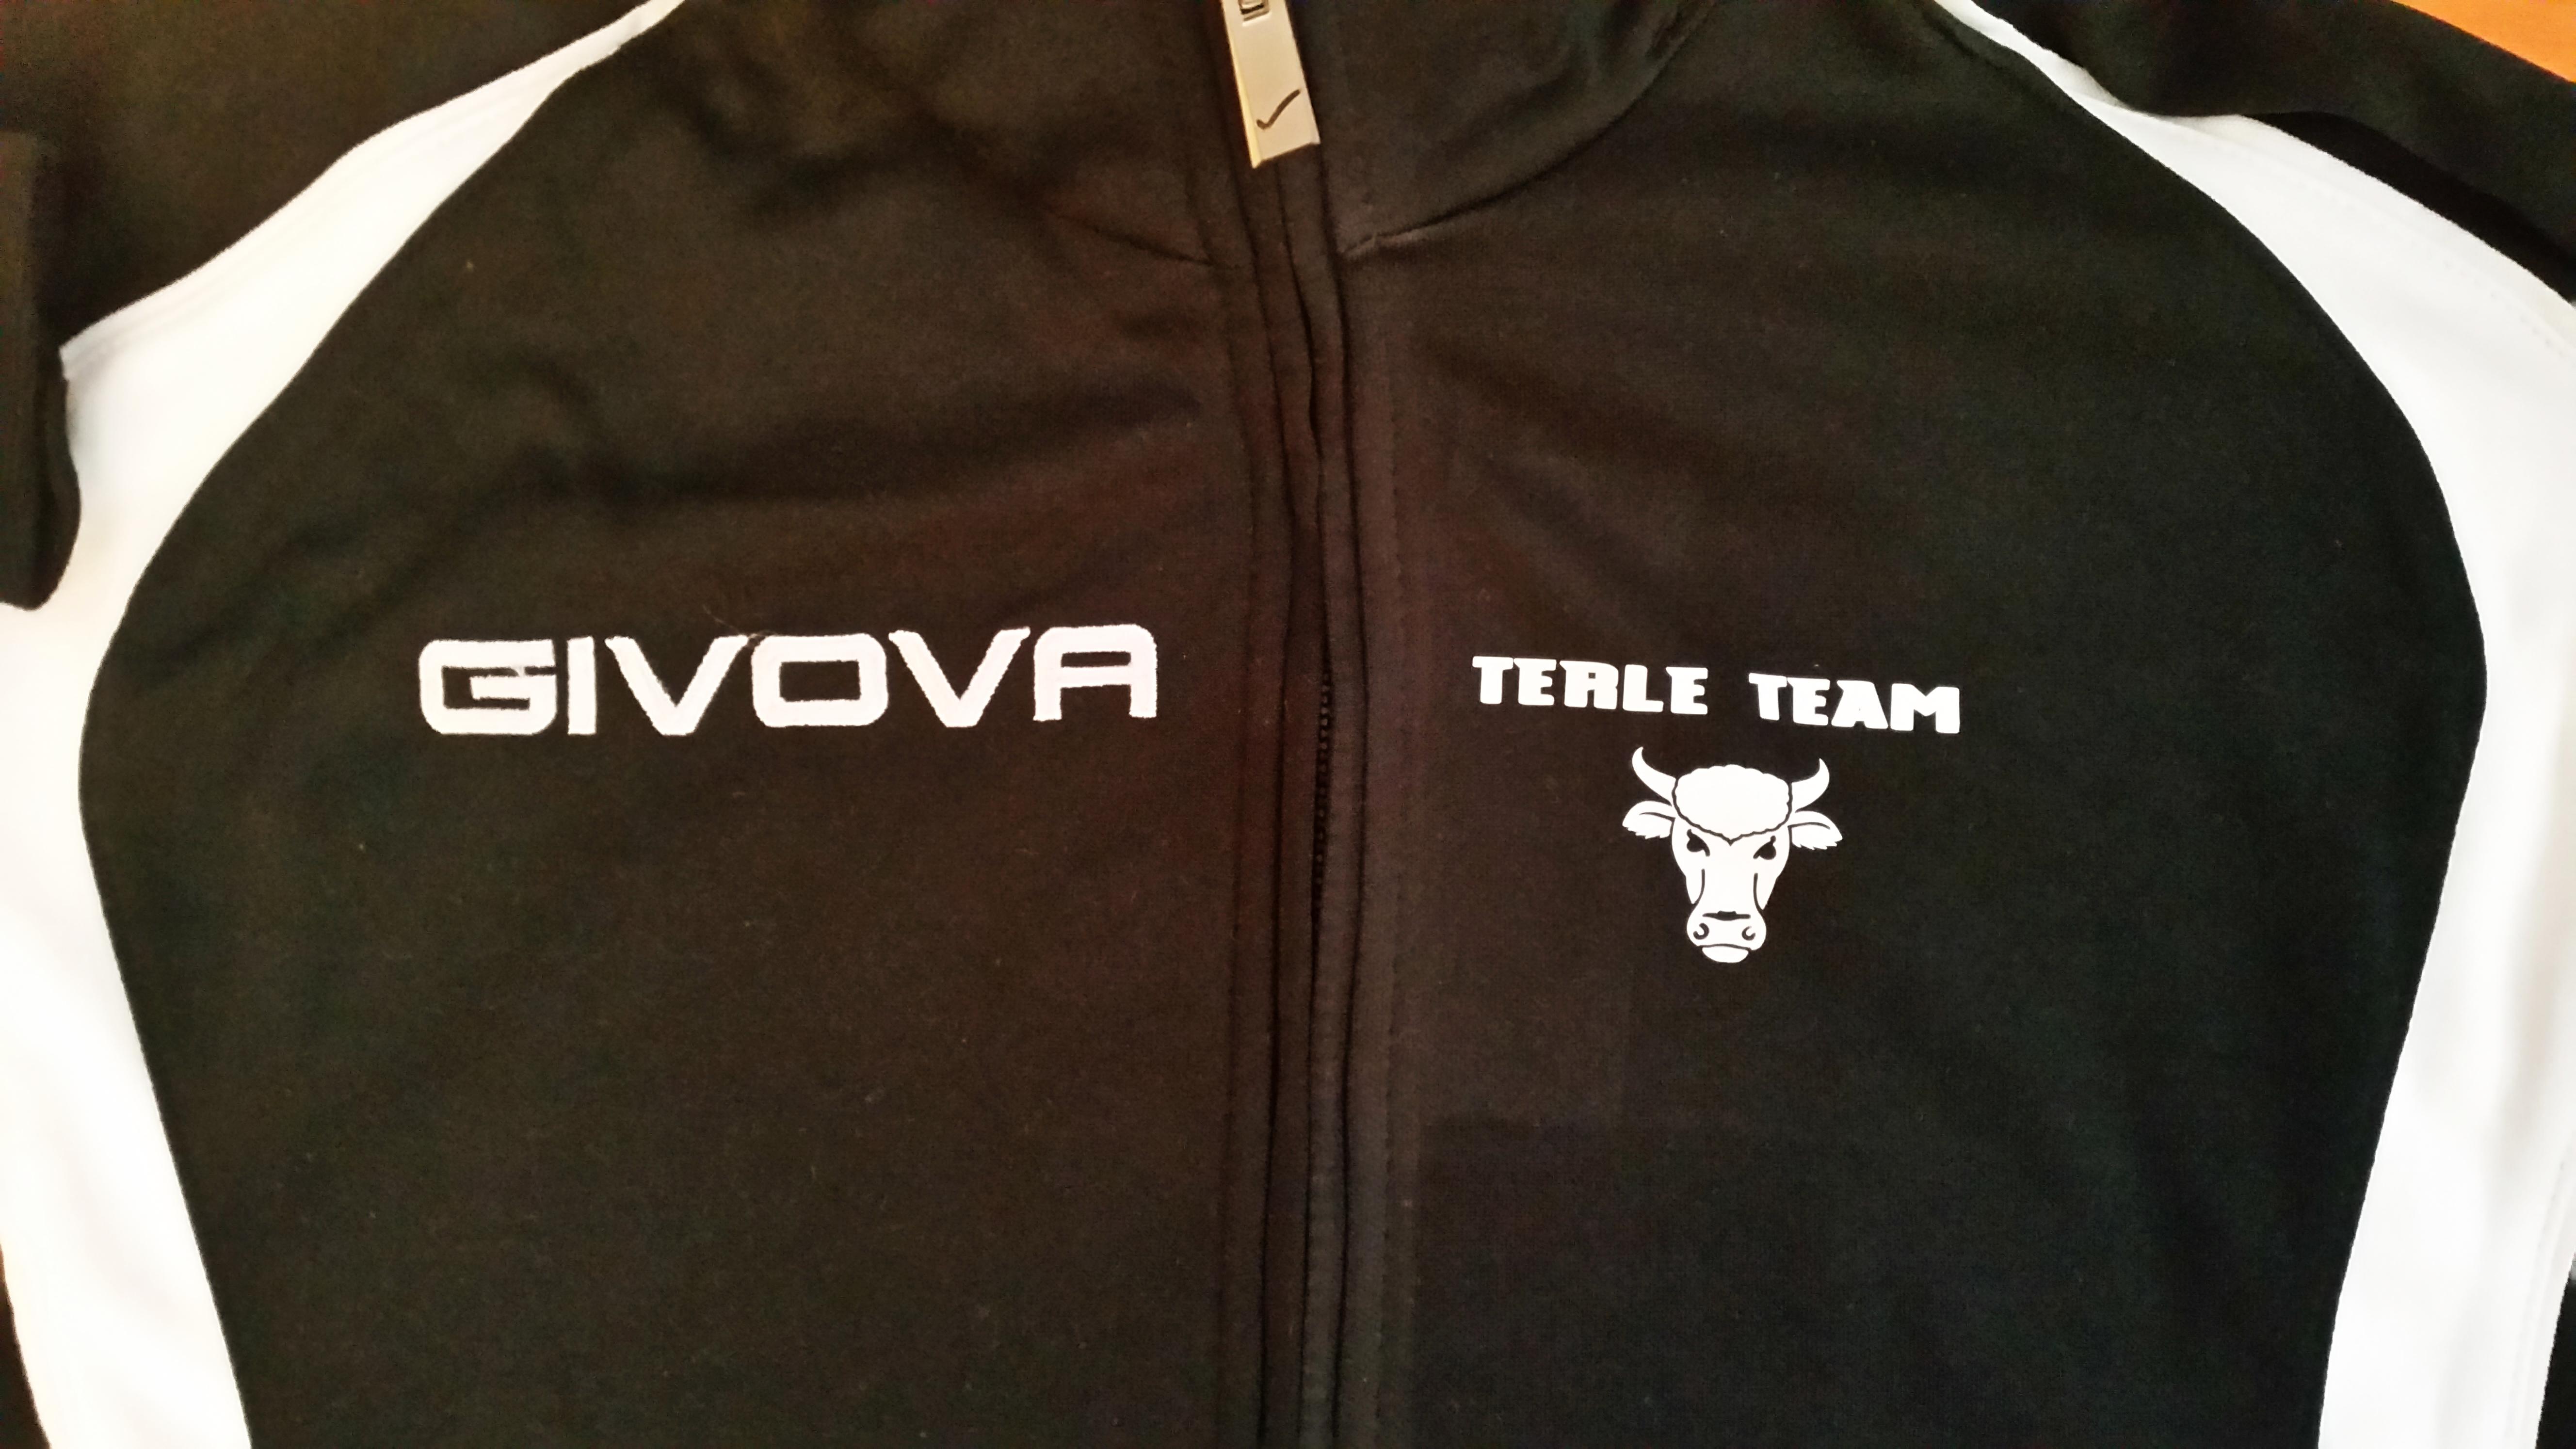 nadruk małego logo Dresy treningowe Givova